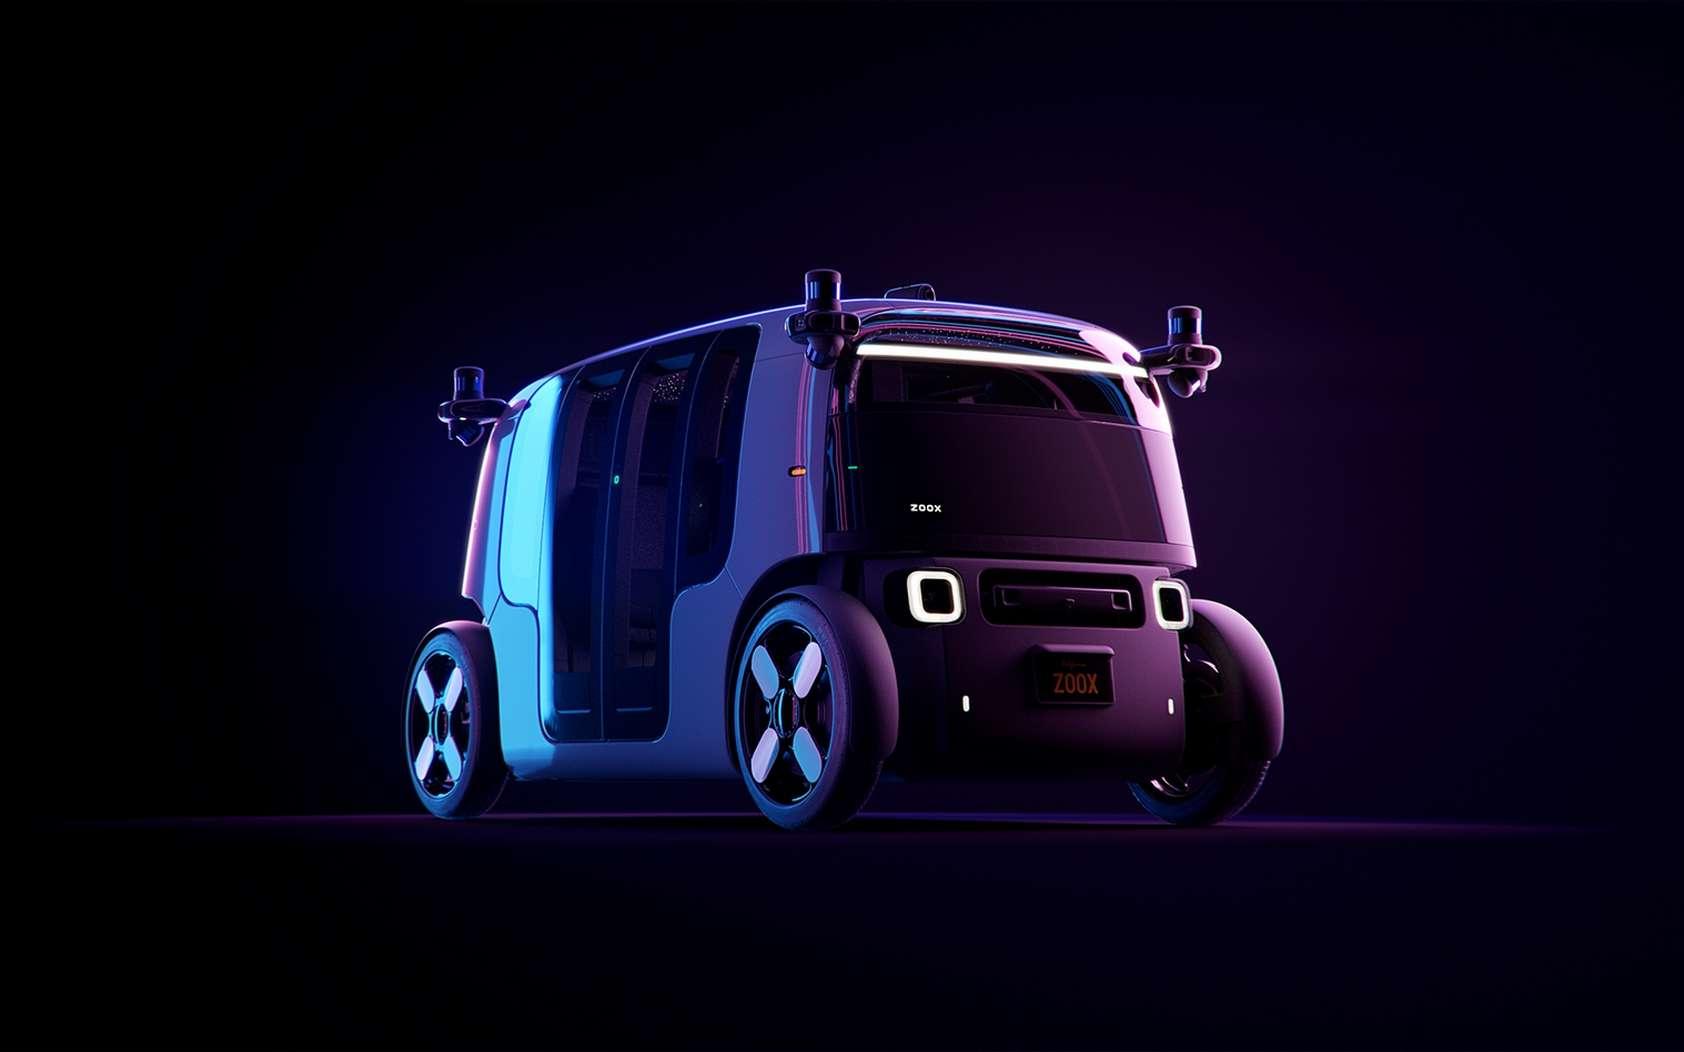 La navette autonome Zoox peut accueillir quatre personnes. © Zoox